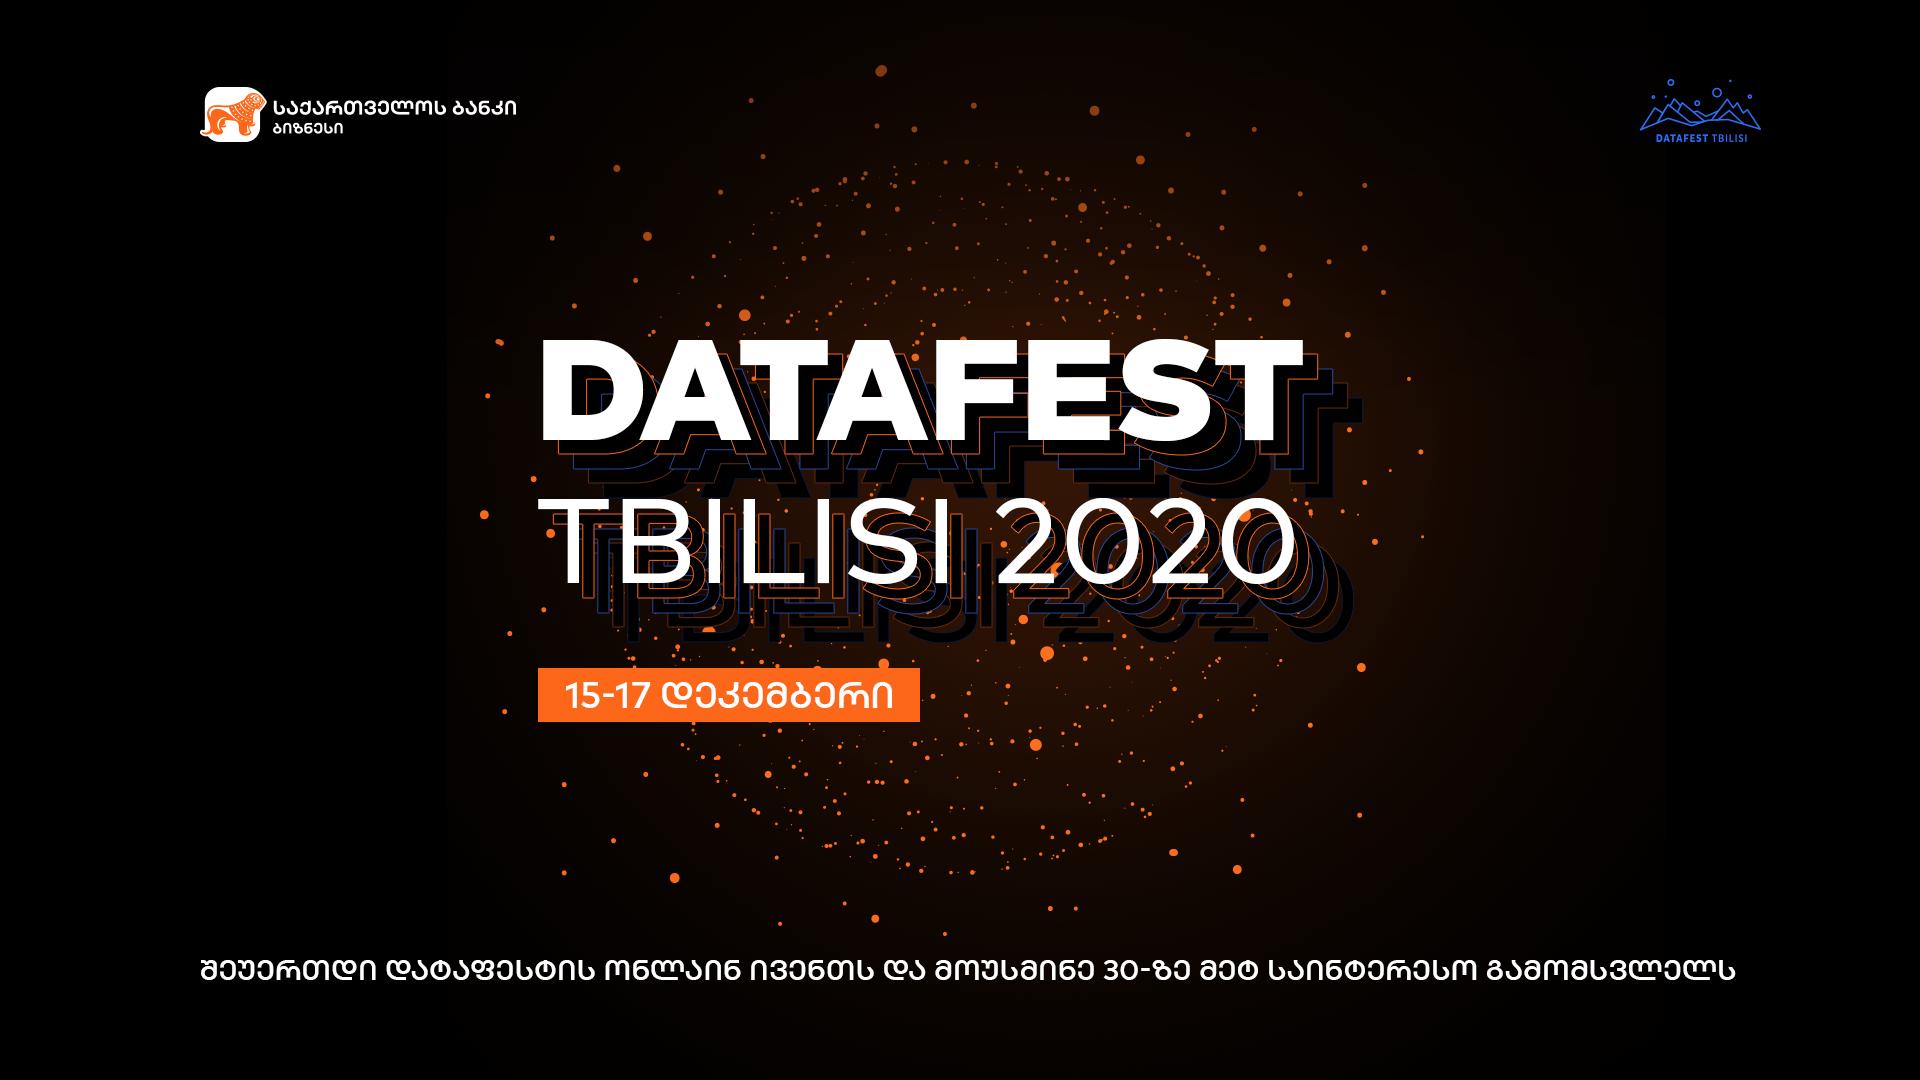 საქართველოს ბანკის მხარდაჭერით საერთაშორისო მონაცემთა ფესტივალი DataFest  Tbilisi 2020 მიმდინარეობს